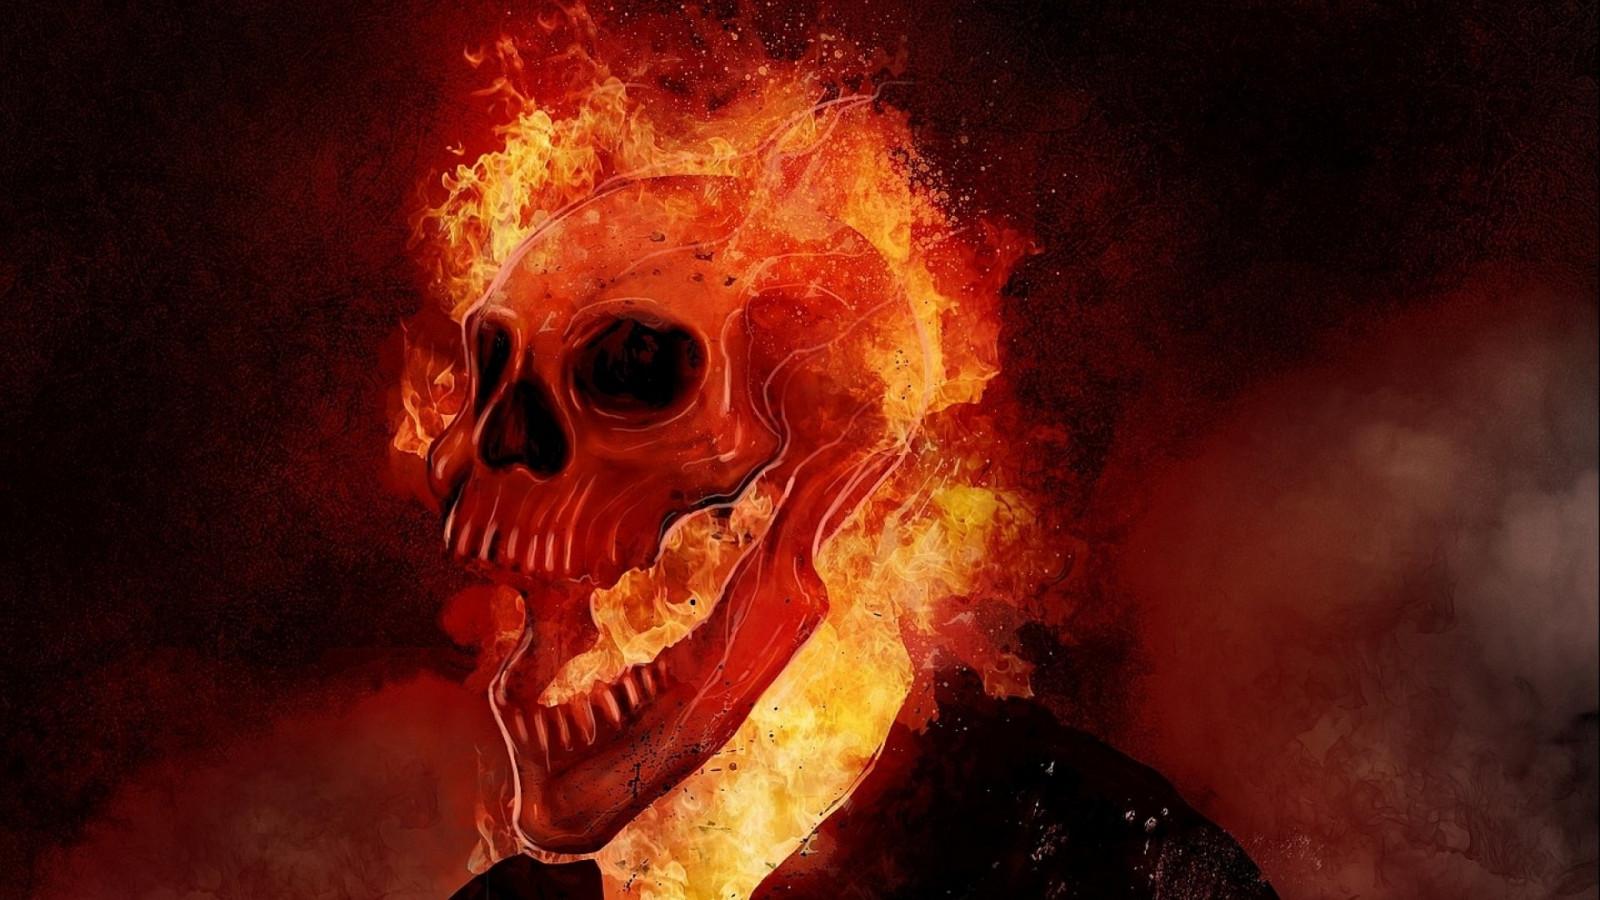 Картинки с черепом в огне